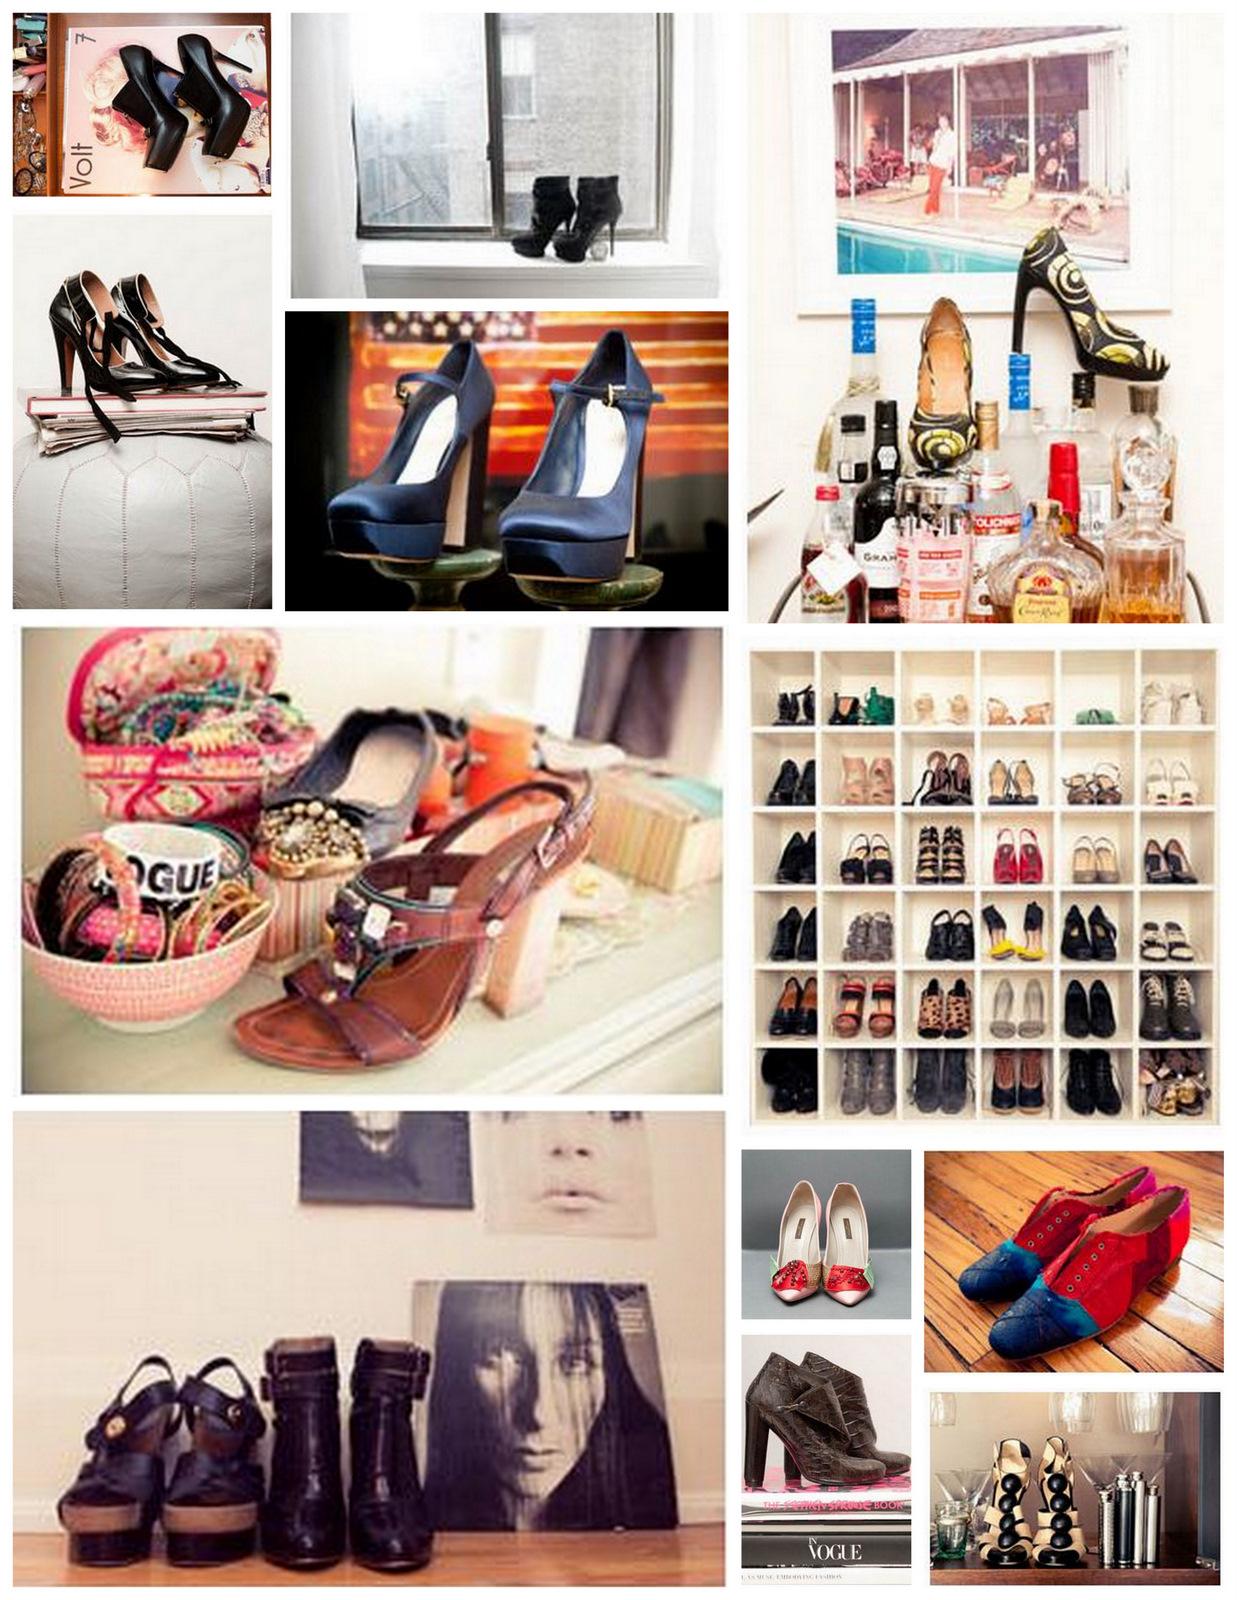 http://2.bp.blogspot.com/_BXxak5KgwUc/TUIsh7RxJyI/AAAAAAAAABo/erkX33Ei-oc/s1600/Coveted.jpg